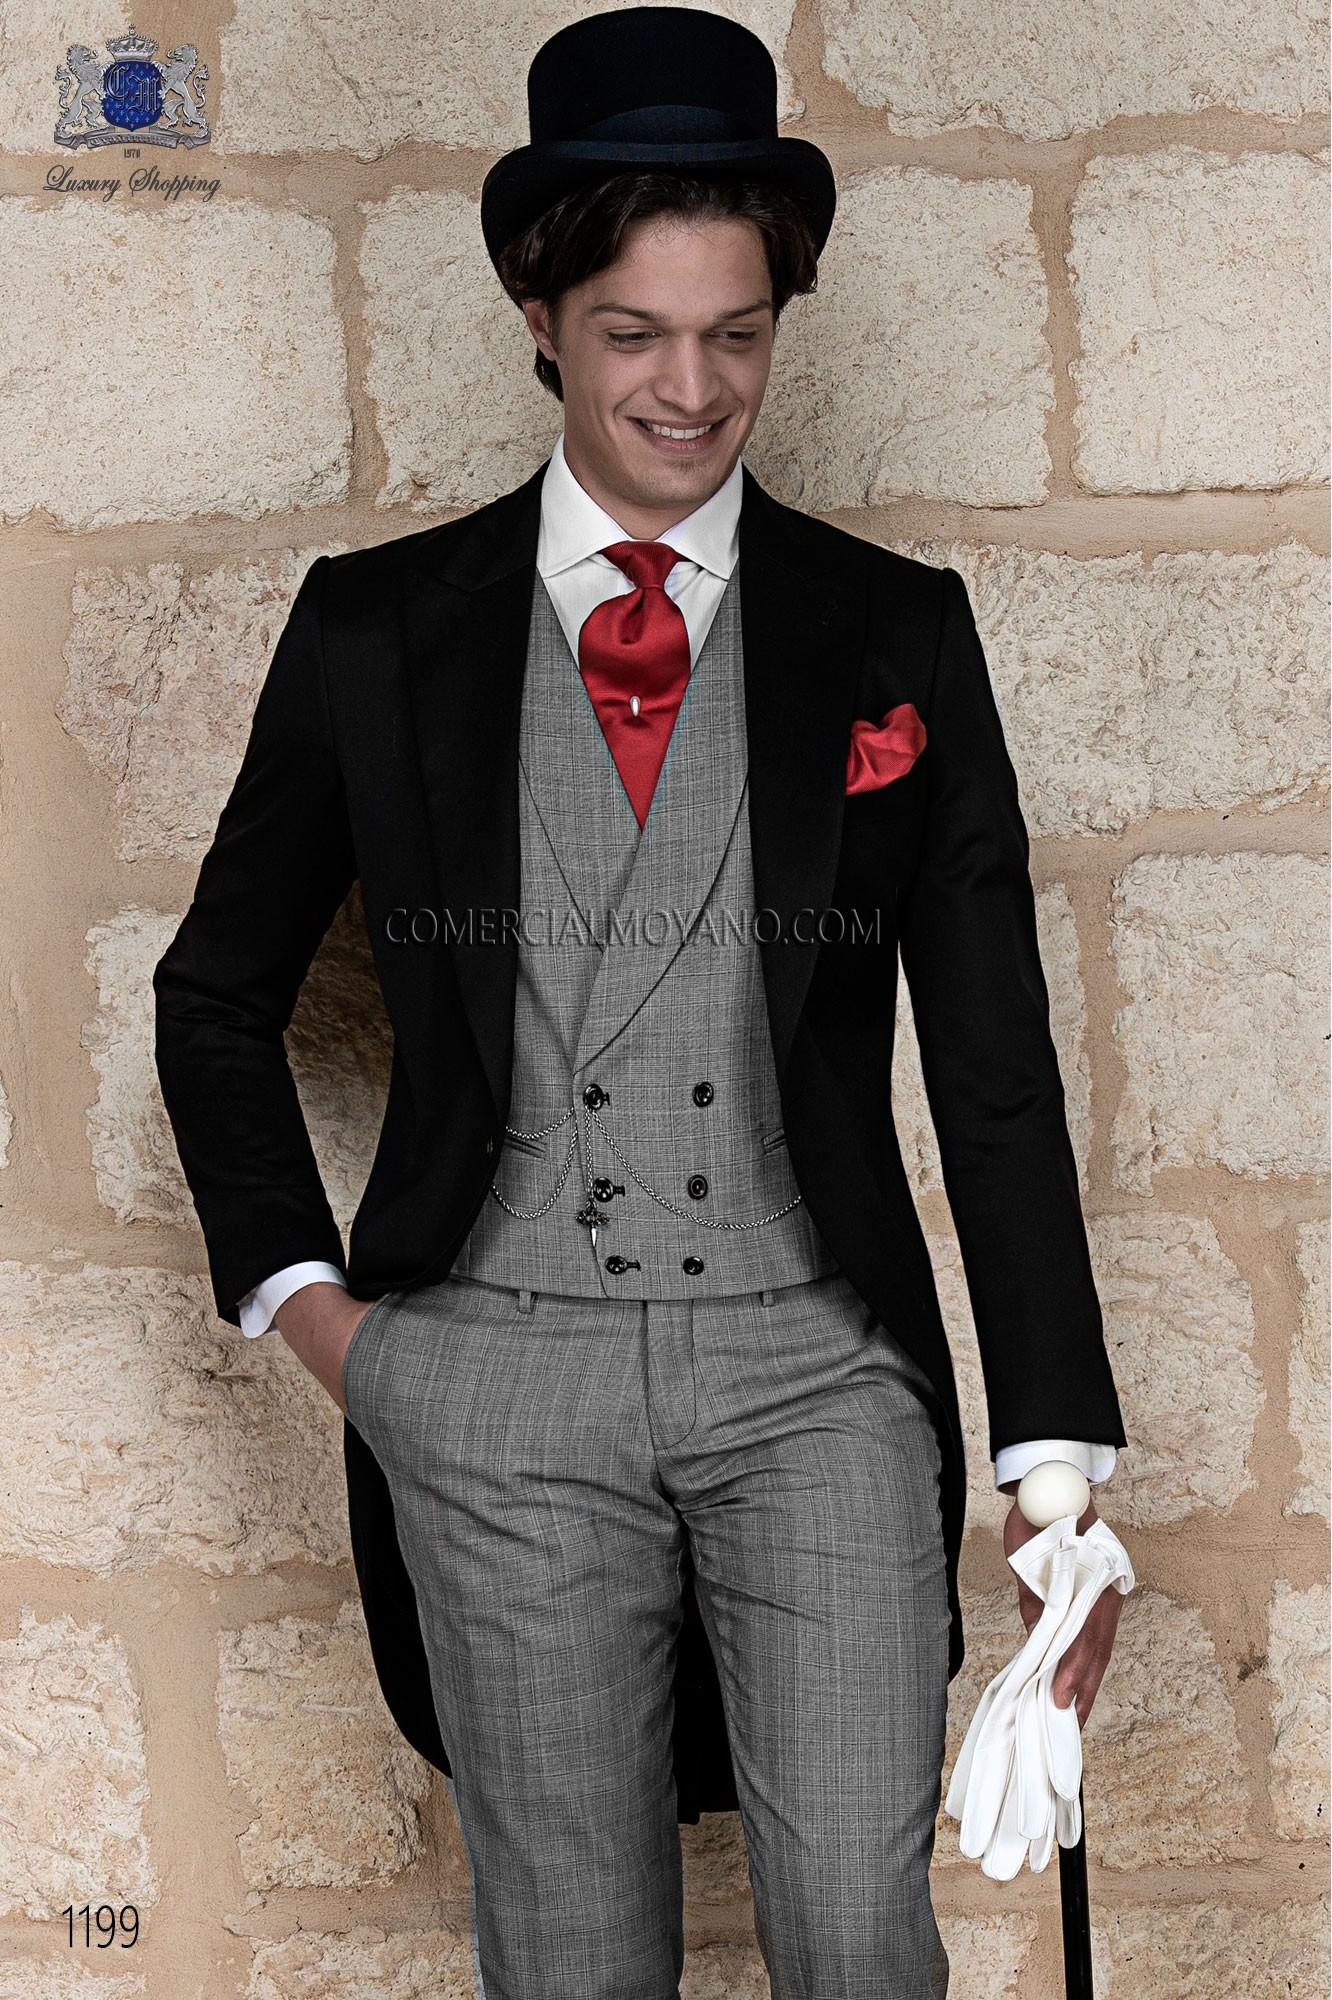 Traje de novio chaqué italiano a medida levita negra, pantalón príncipe de gales en gris modelo 1199 Ottavio Nuccio Gala colección Gentleman.